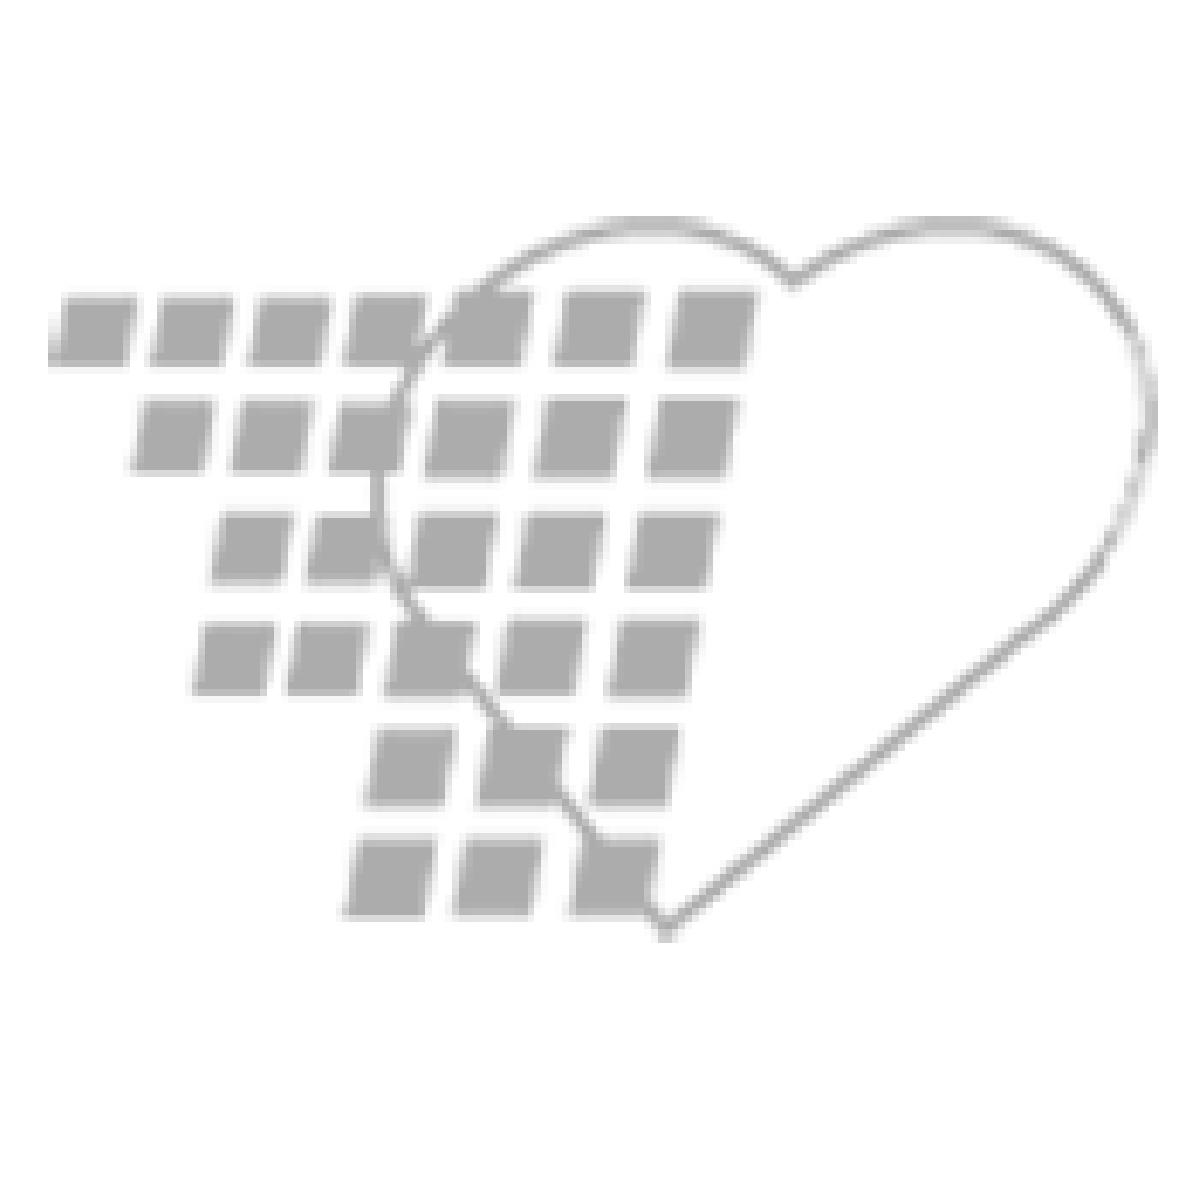 10-81-6104 Male Catheter Model